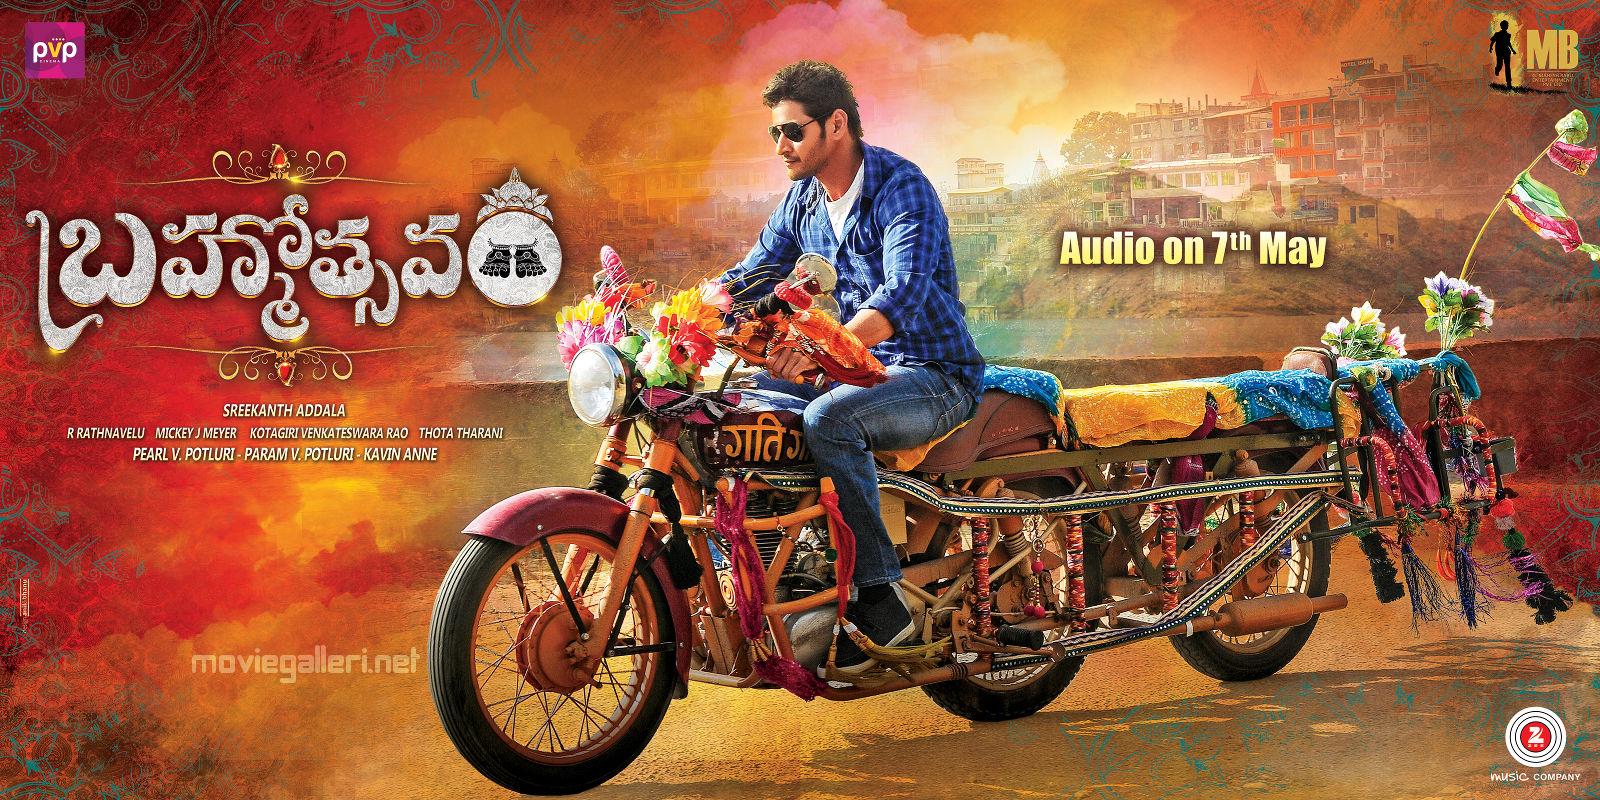 Mahesh Babu's Brahmotsavam Audio Release Poster